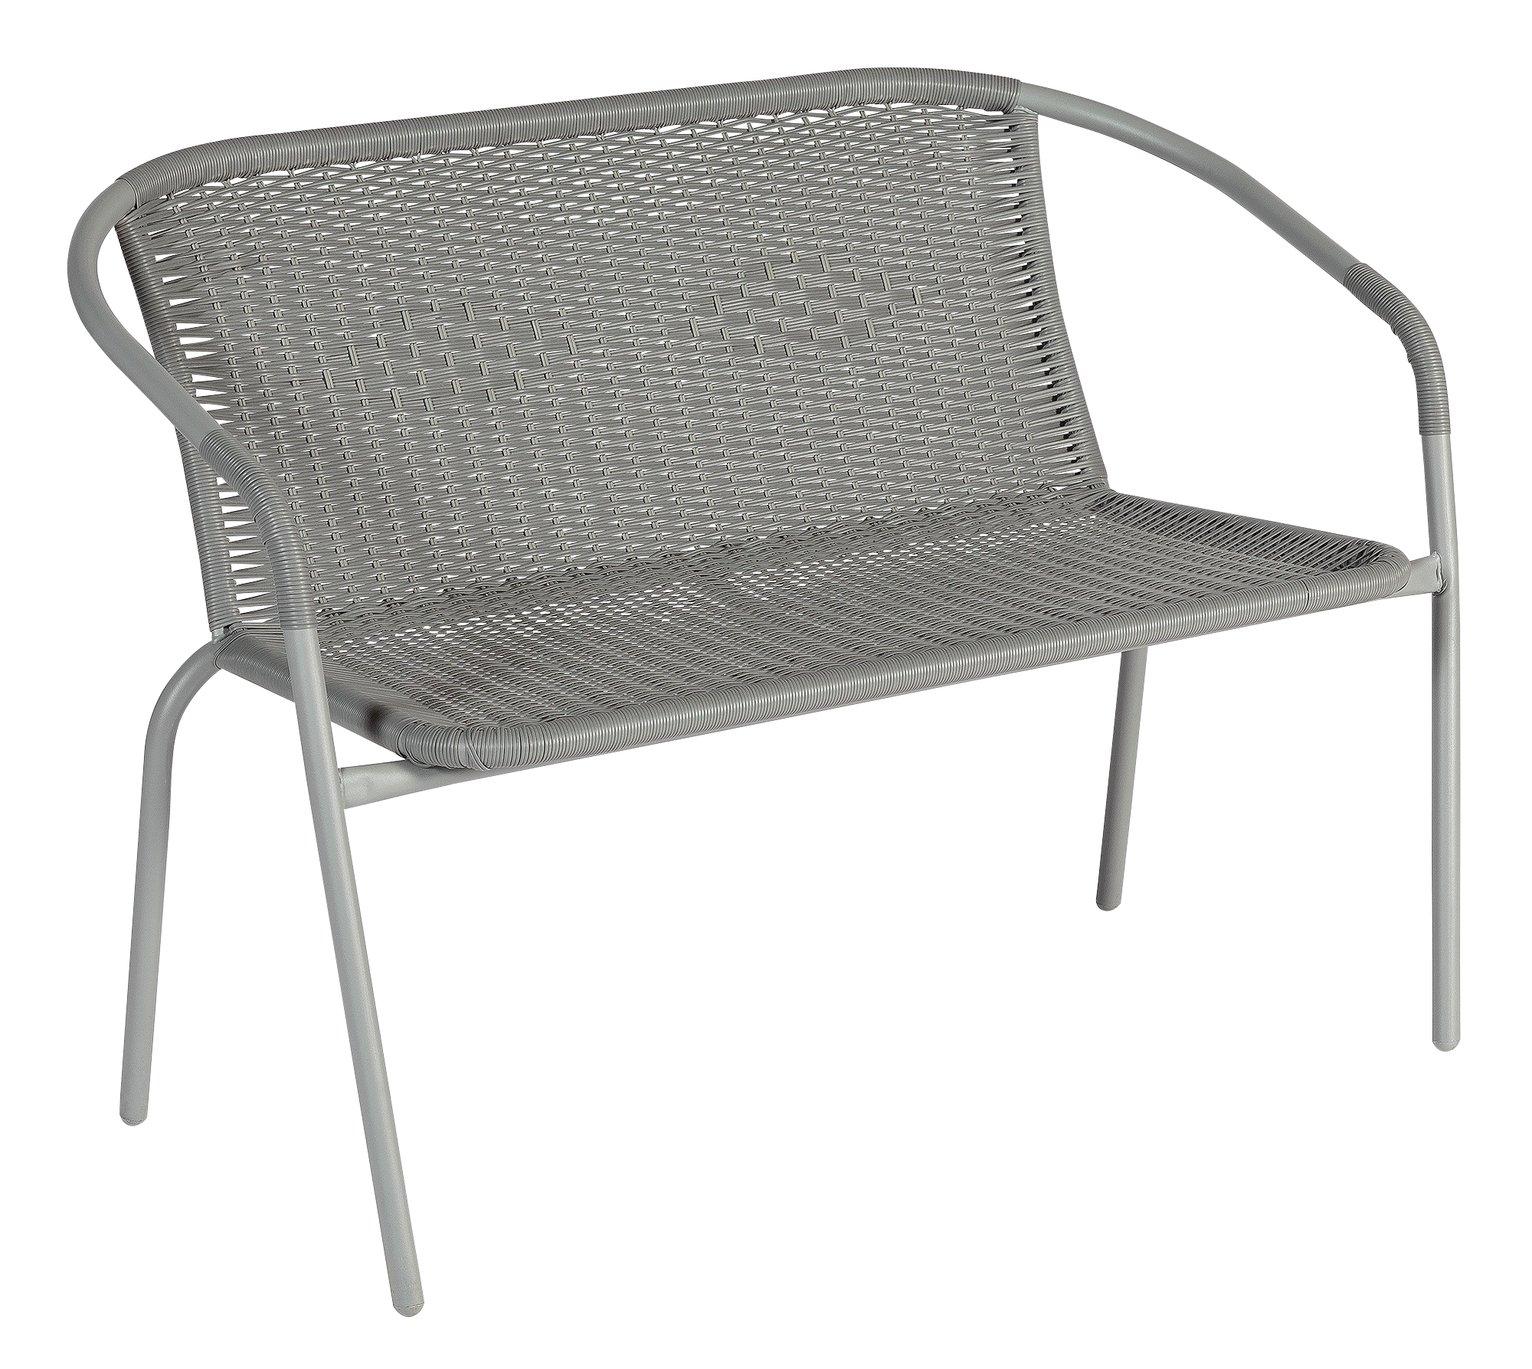 Argos Home Steel Wicker 2 Seater Garden Bench - Grey